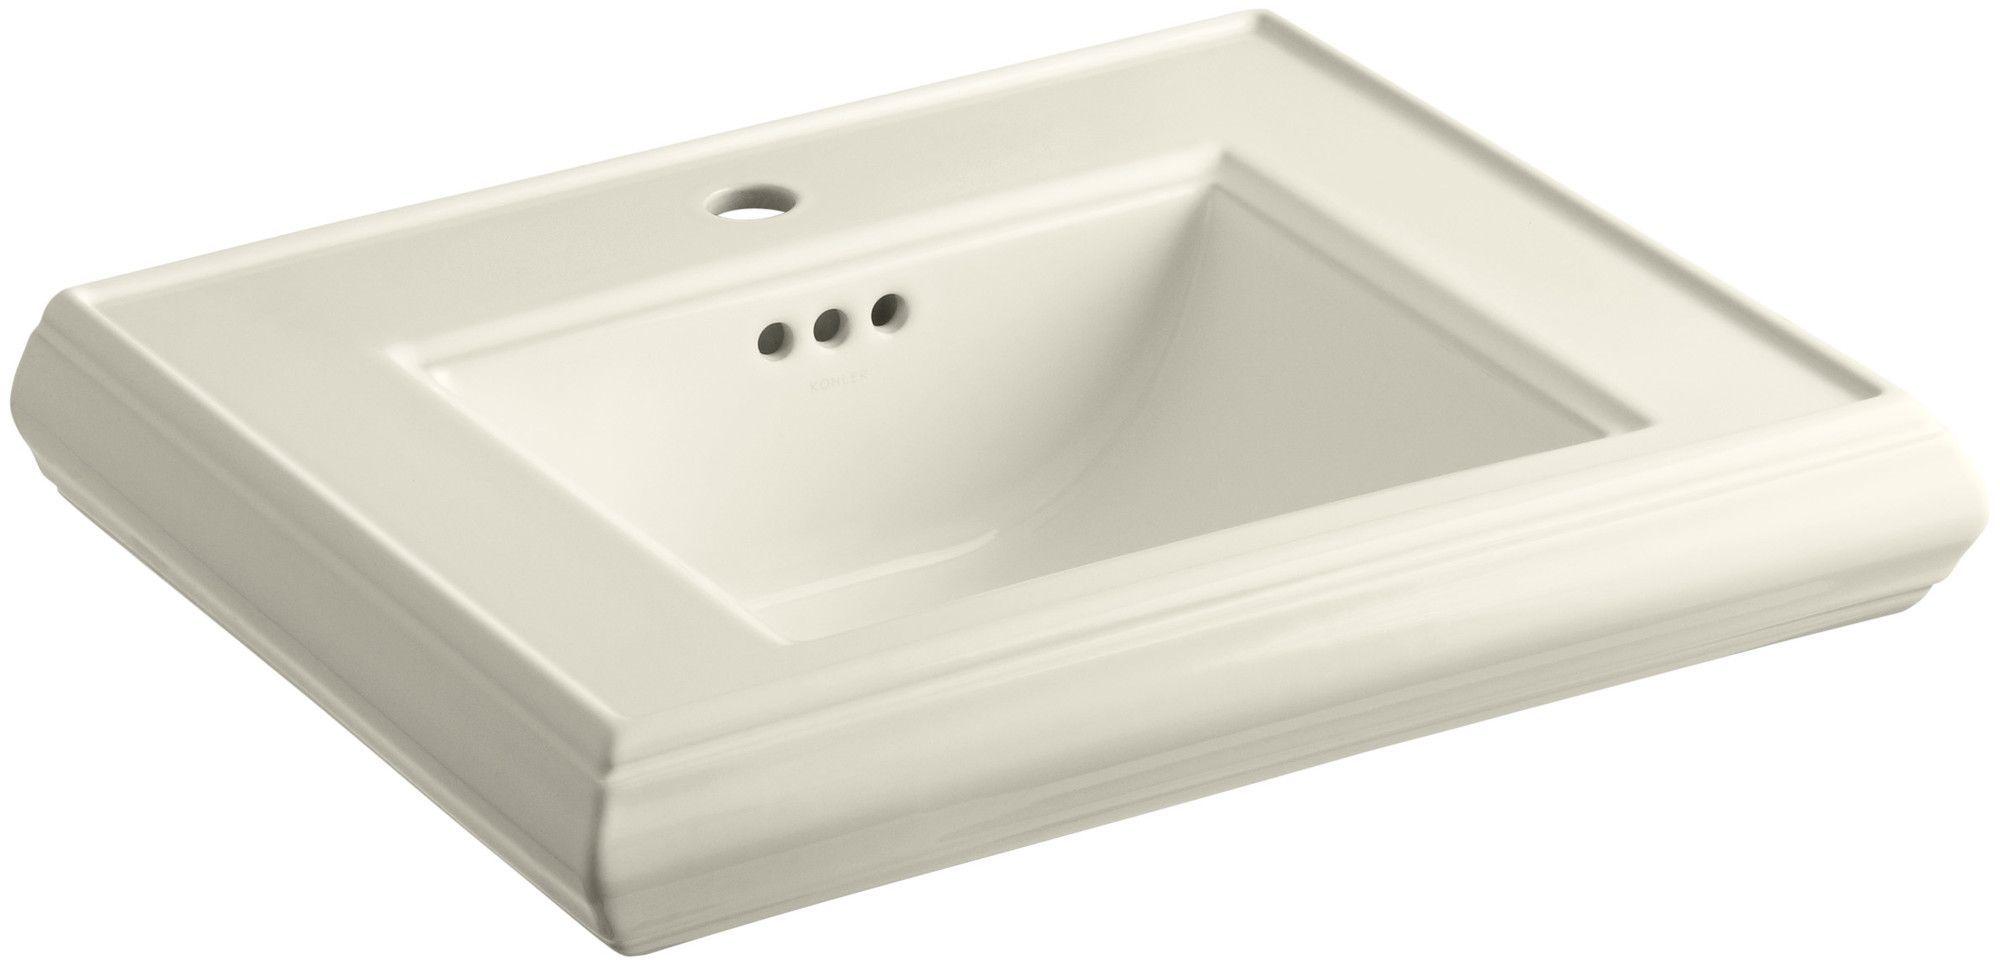 Memoirs Ceramic 24 Pedestal Bathroom Sink With Overflow Sink